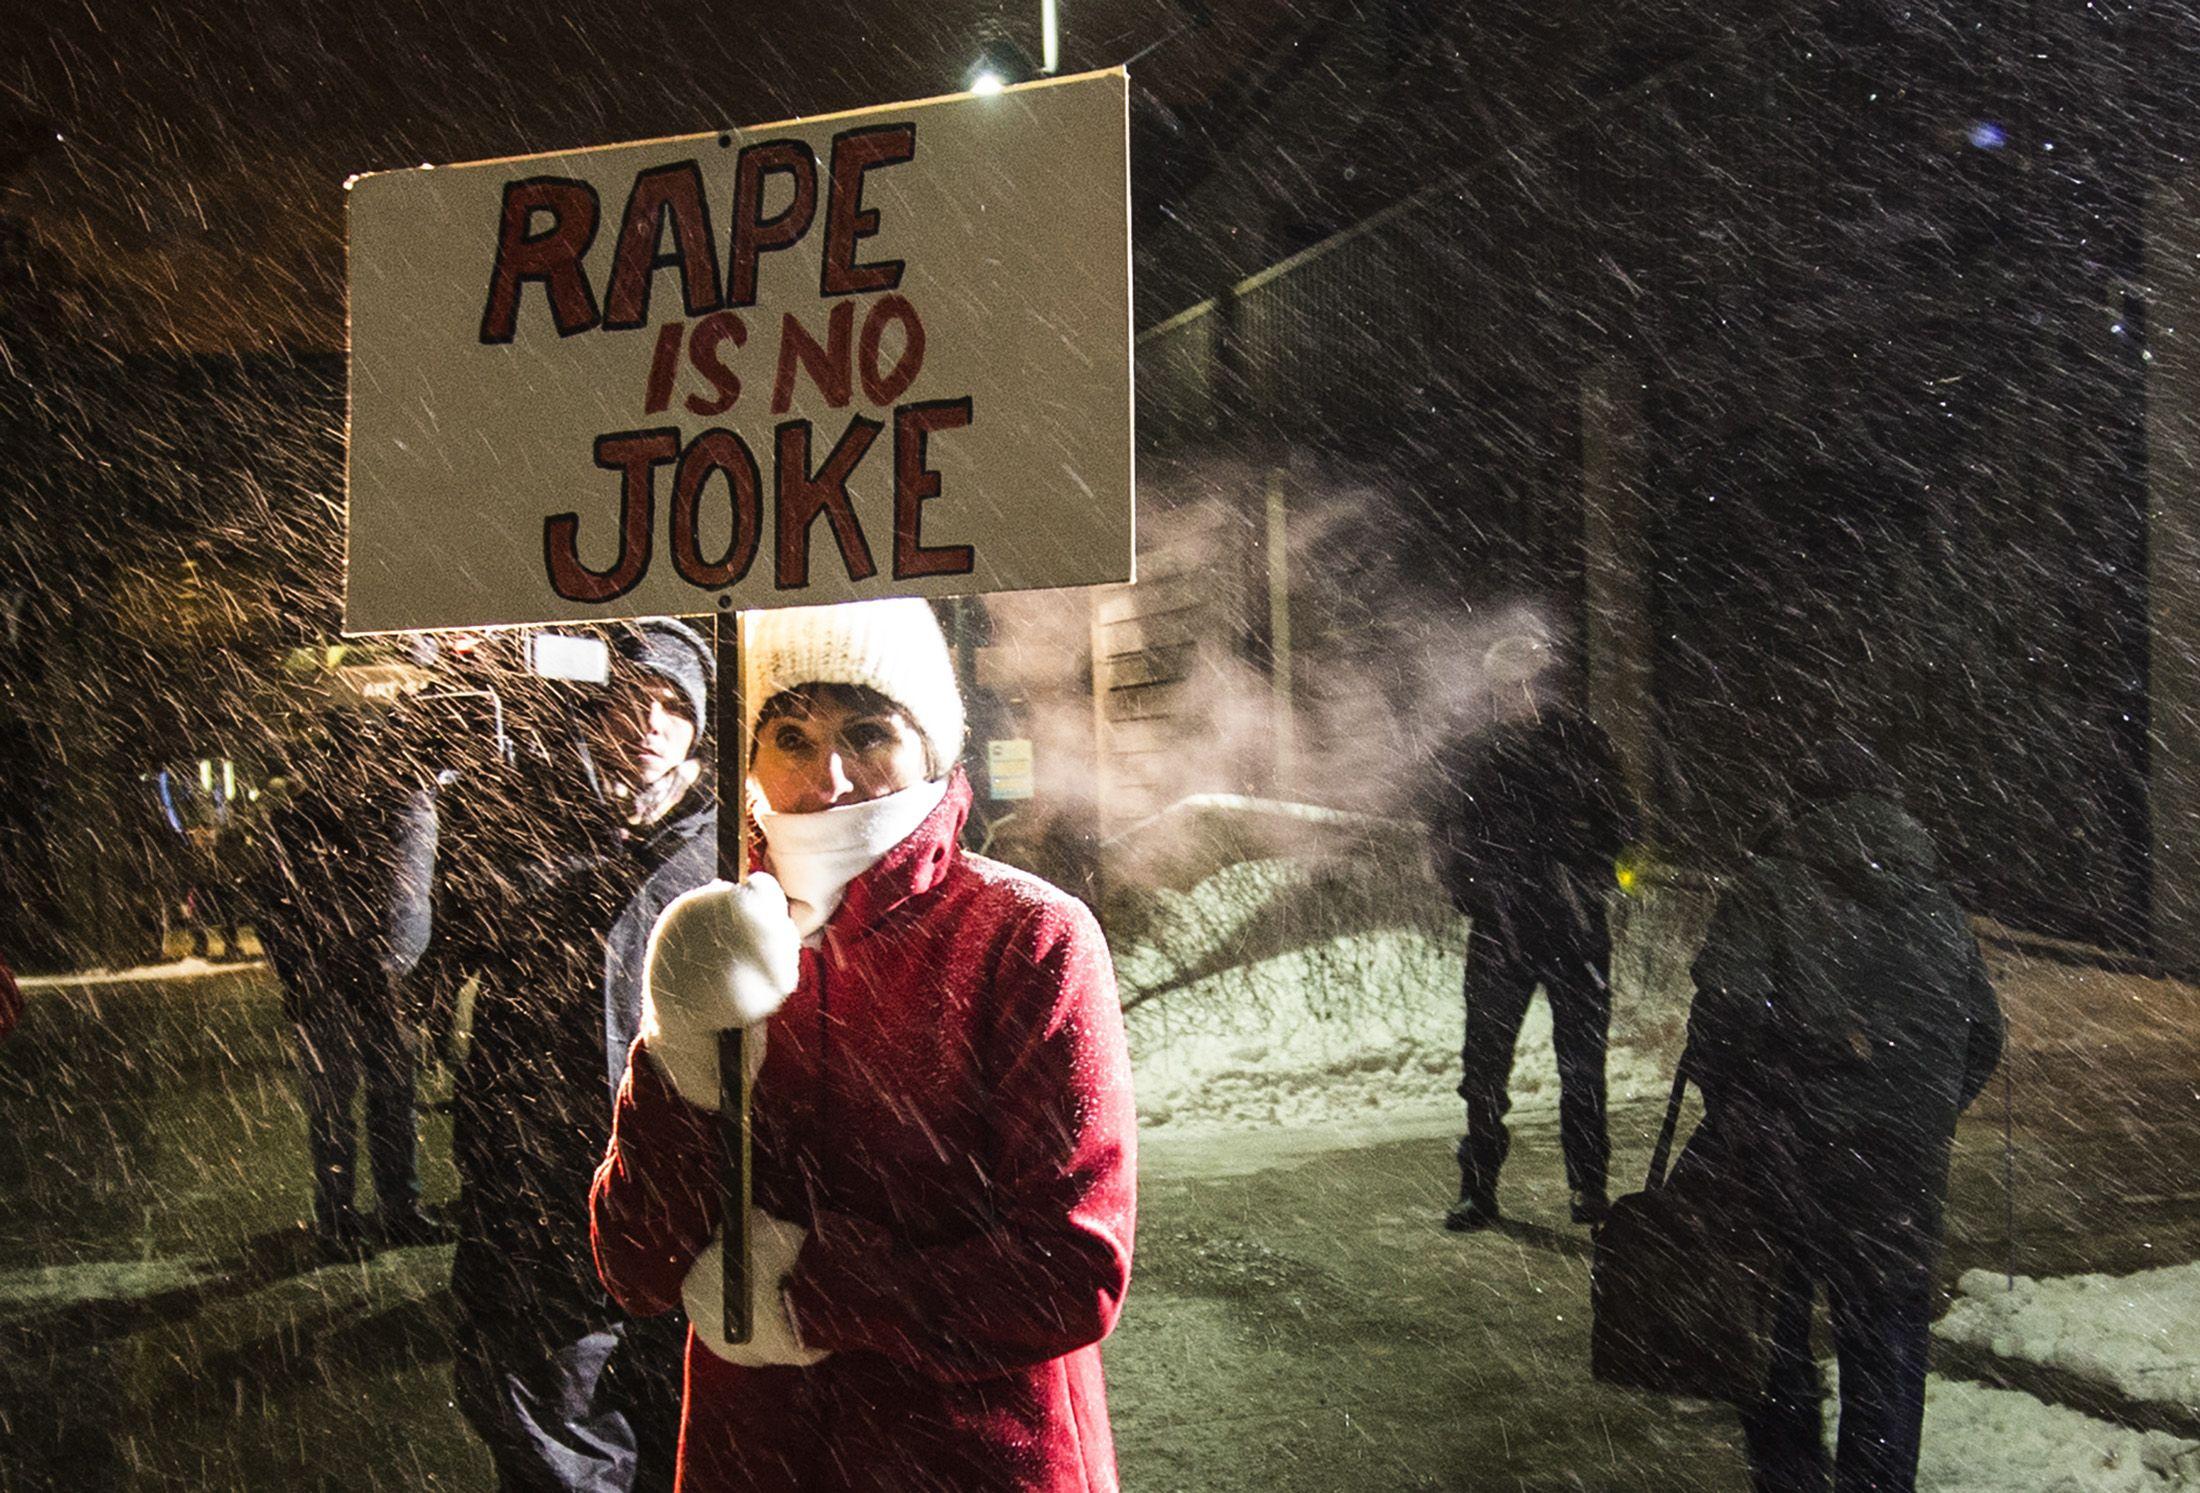 Rape protester